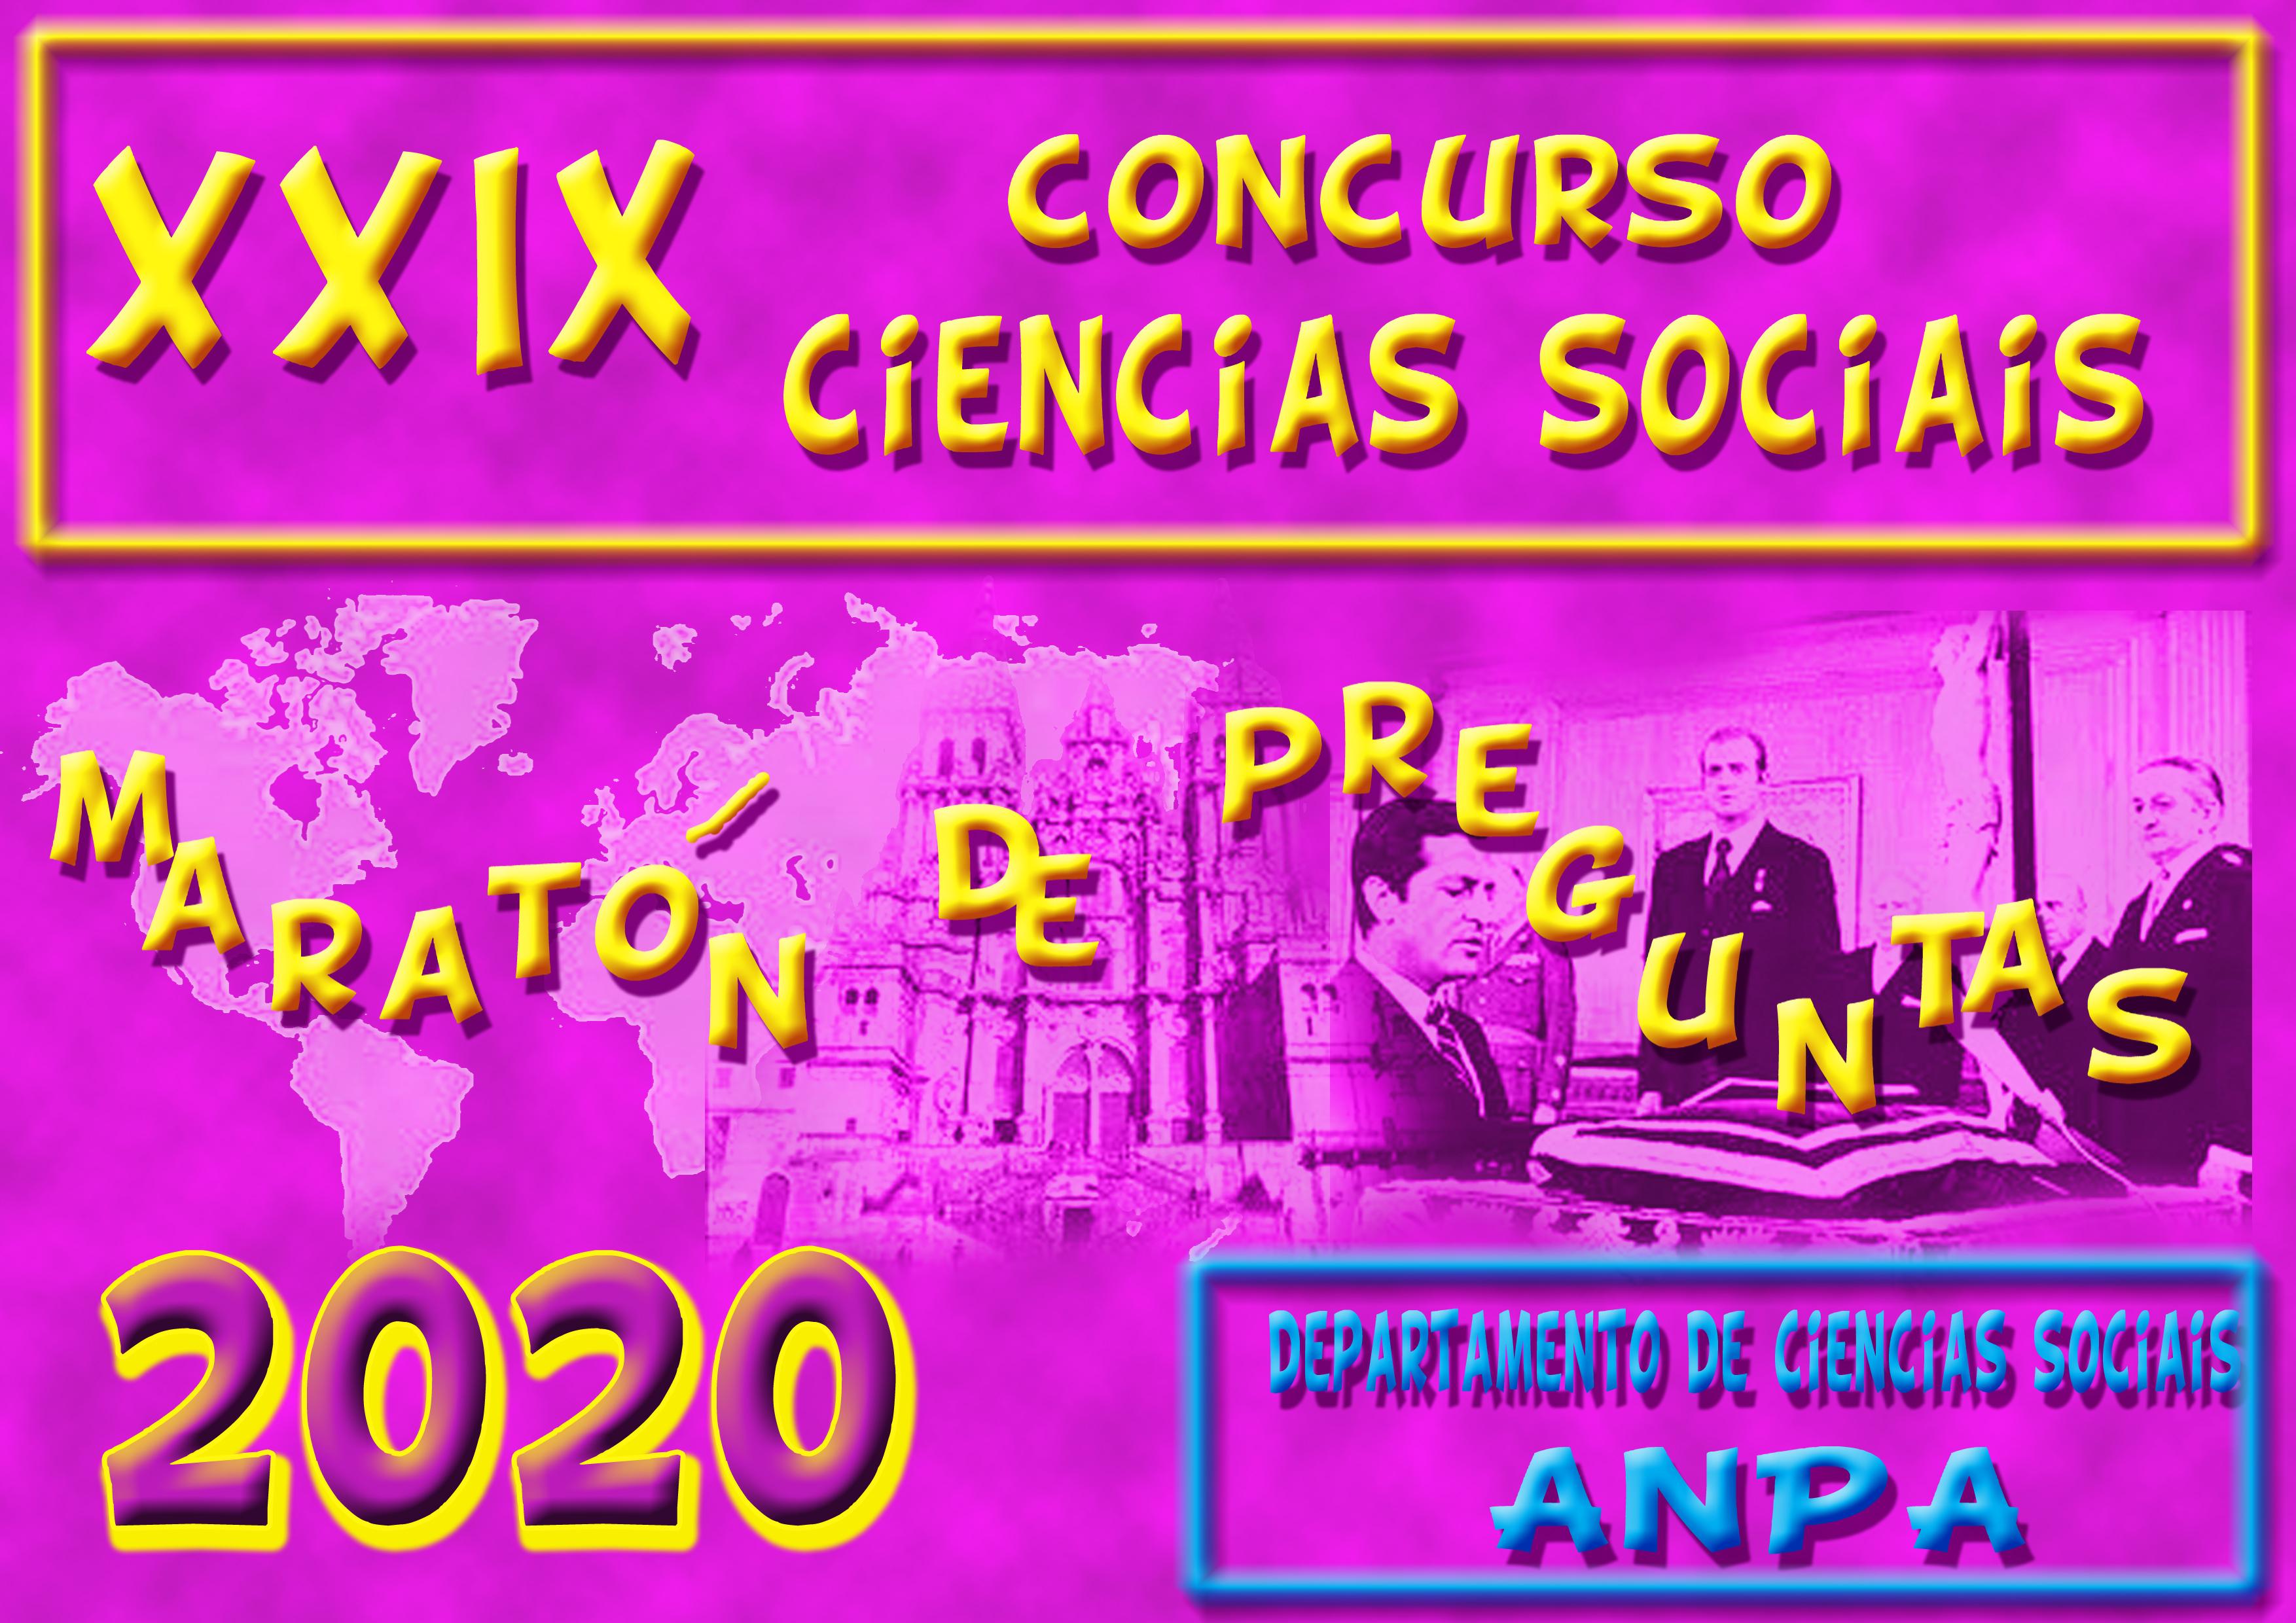 Concurso de Ciencias Sociais 2020